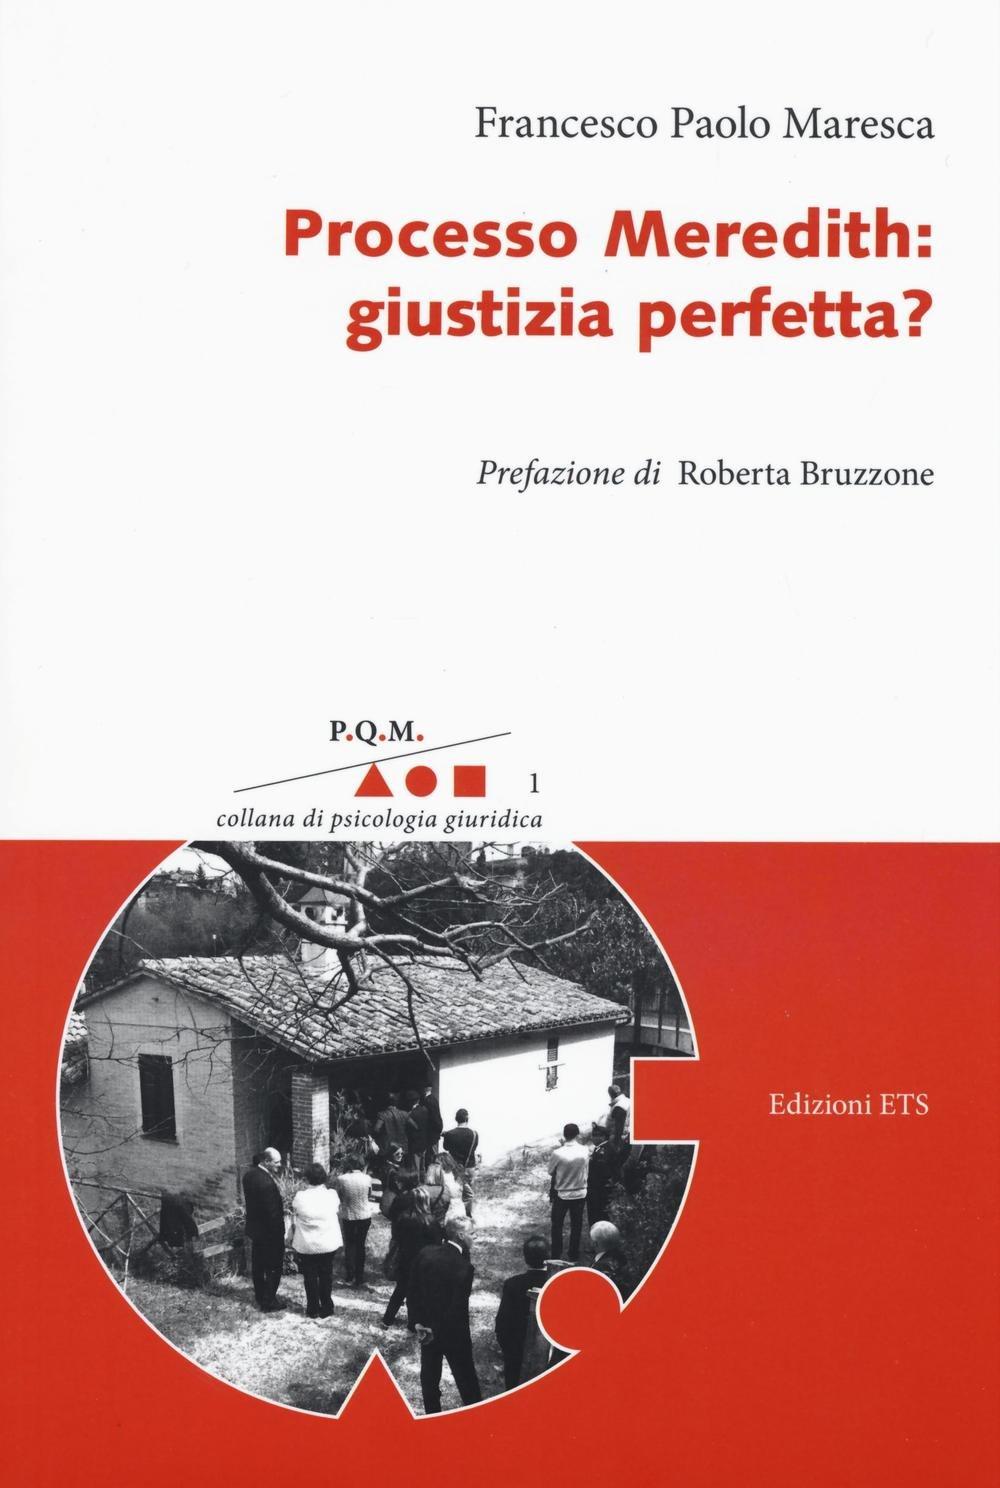 Processo Meredith: giustizia perfetta? P.Q.M. Collana di psicologia giuridica: Amazon.es: Maresca, Francesco Paolo: Libros en idiomas extranjeros